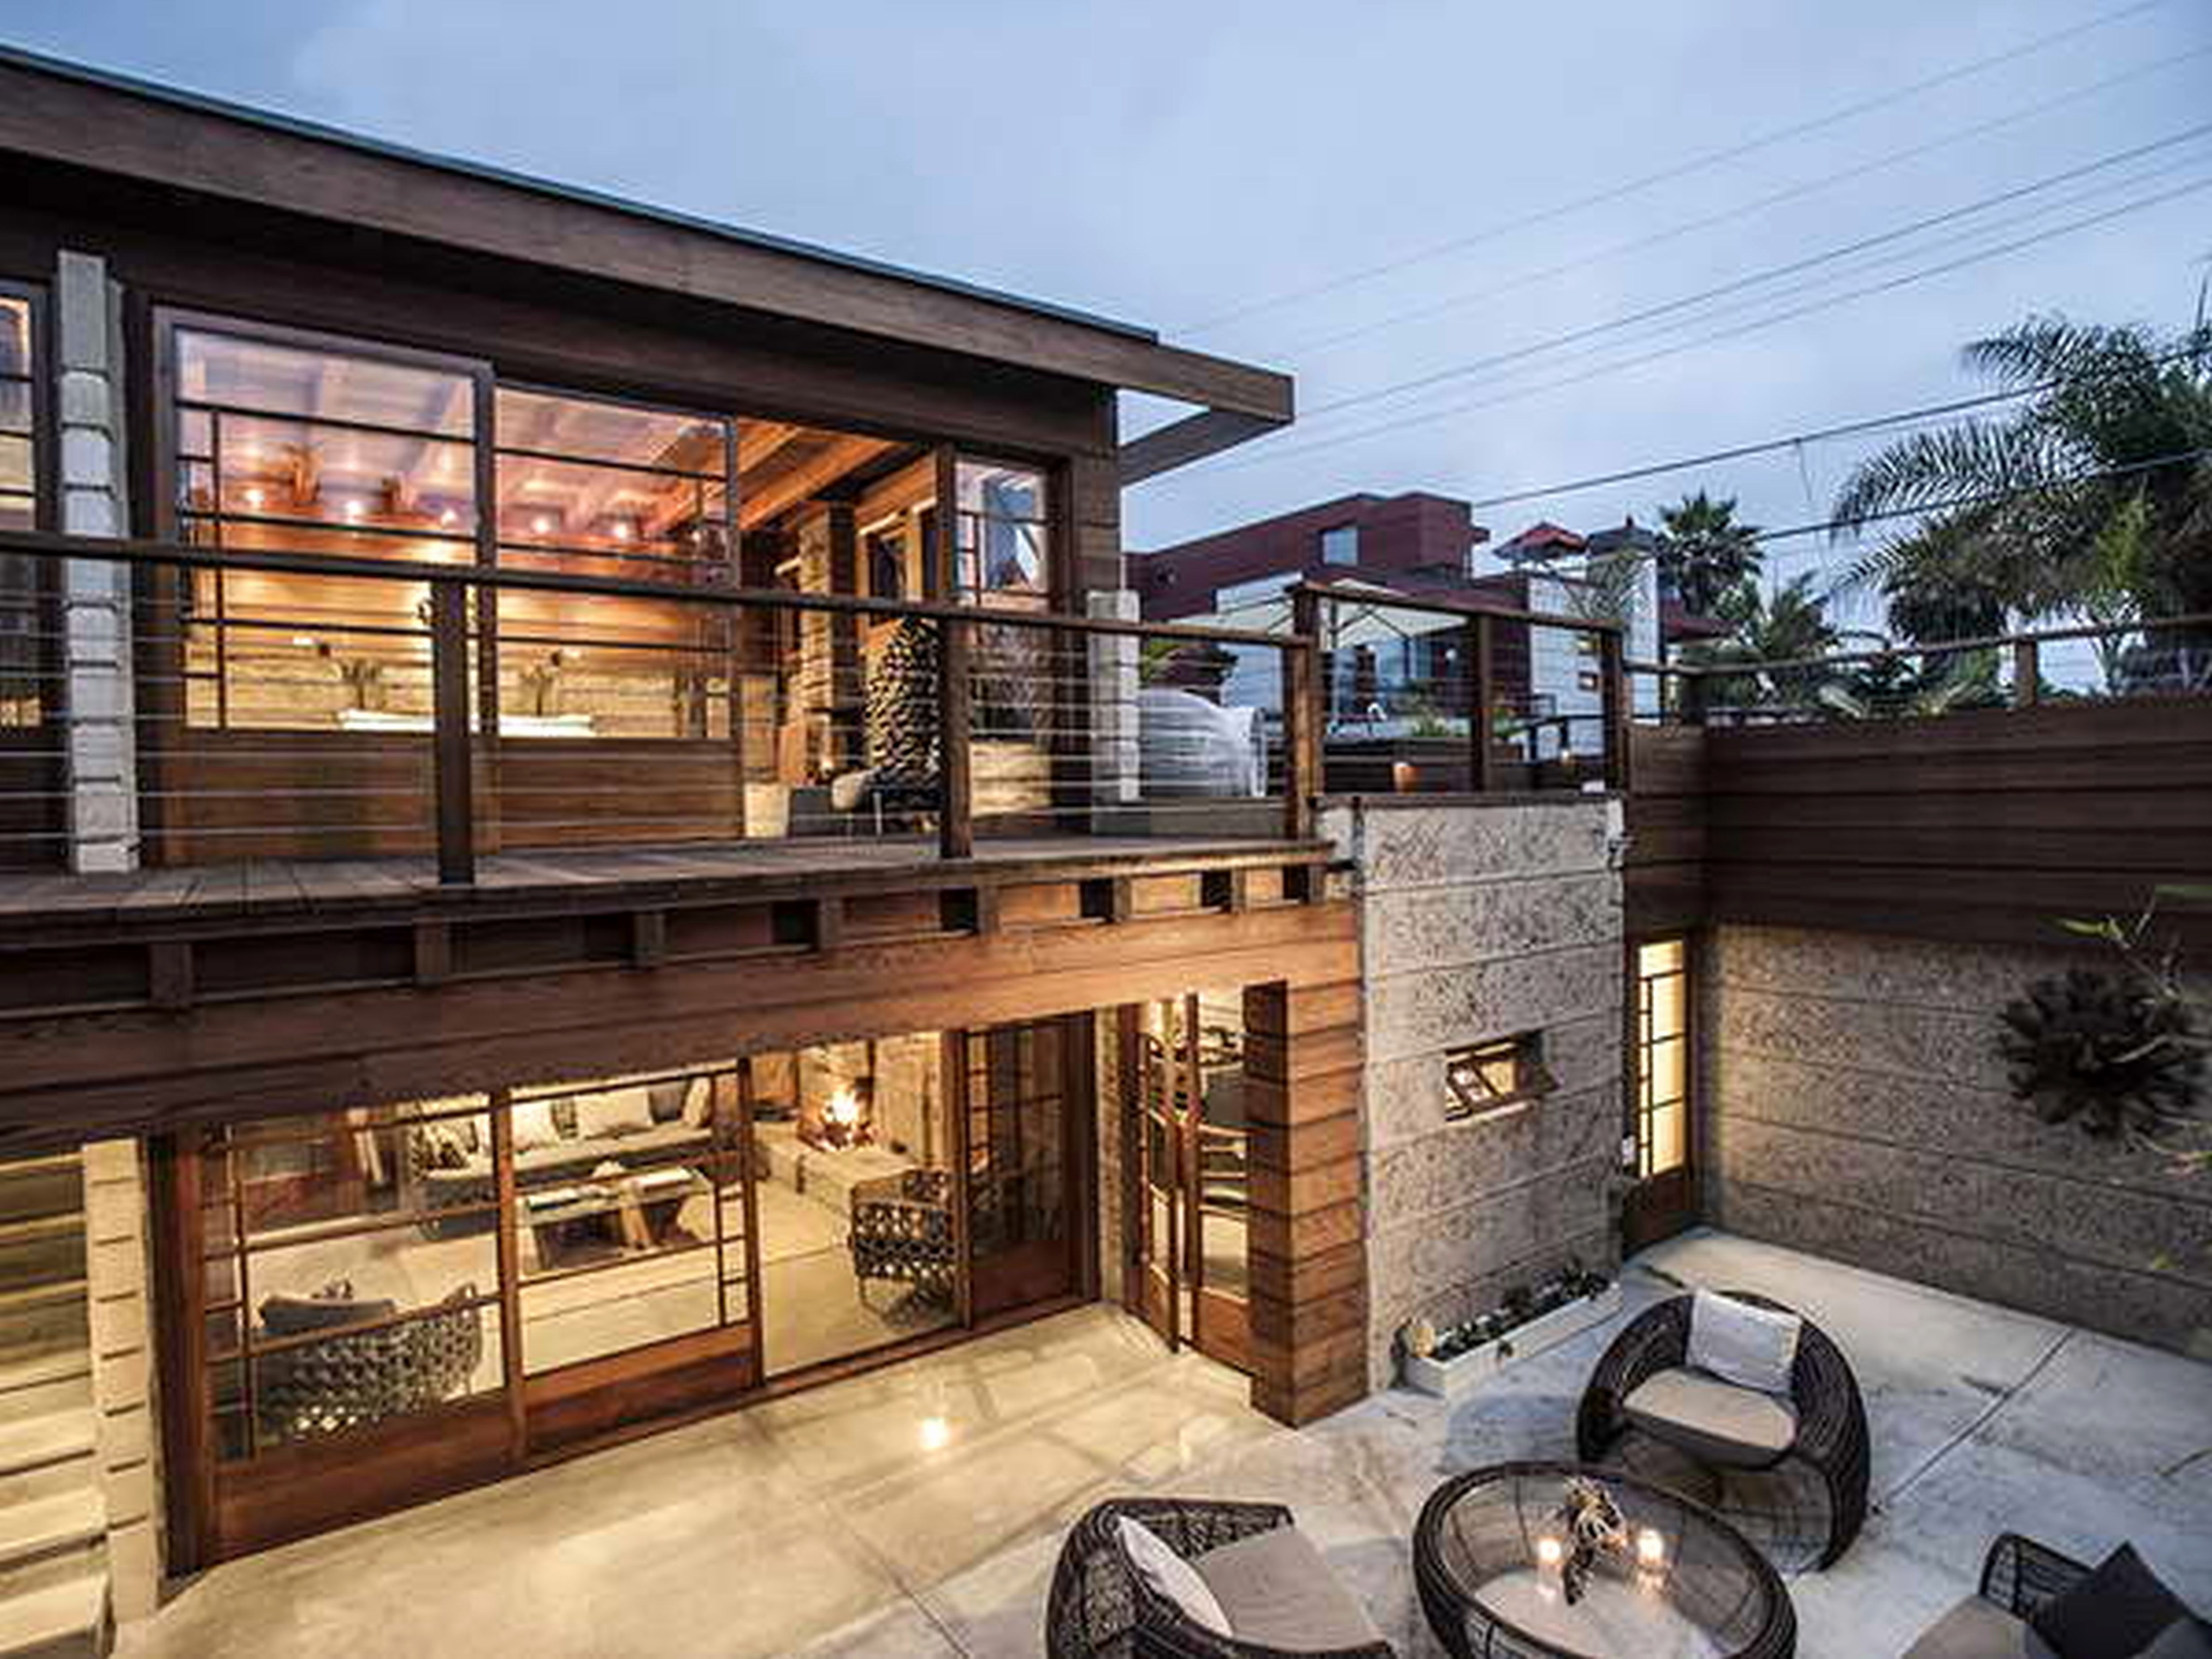 58 Elegant Asian Home Plans House Floor Contemporary Loft Style Luxury Modern 45degreesdesi Container House Design Modern Bungalow House Modern House Design